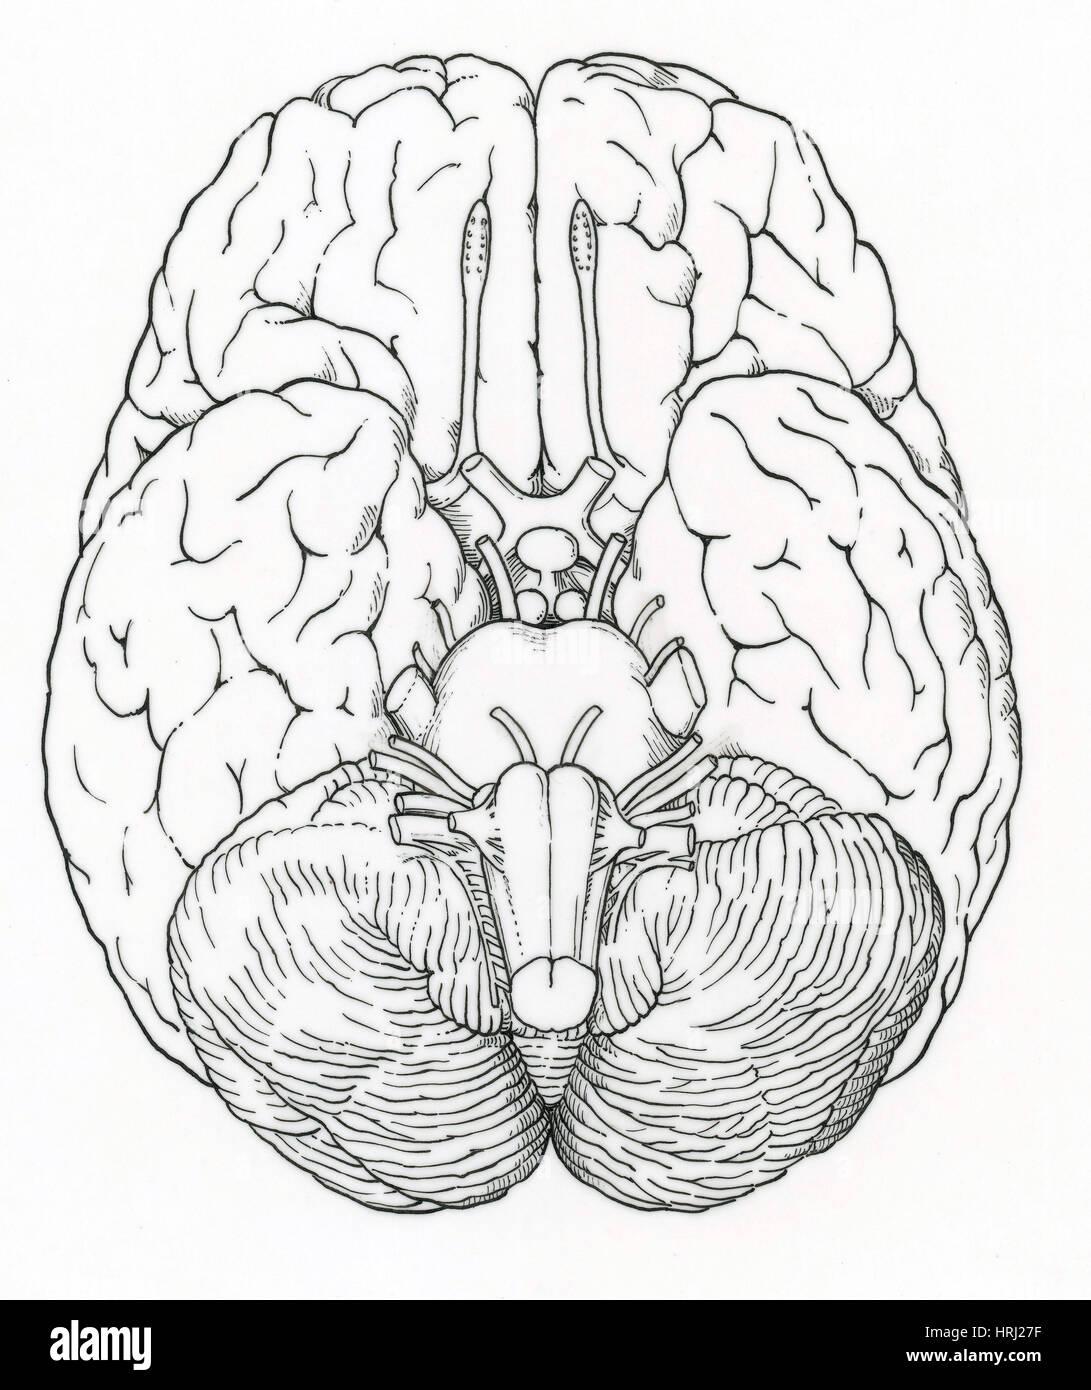 Großartig Siebter Hirnnerv Anatomie Fotos - Menschliche Anatomie ...